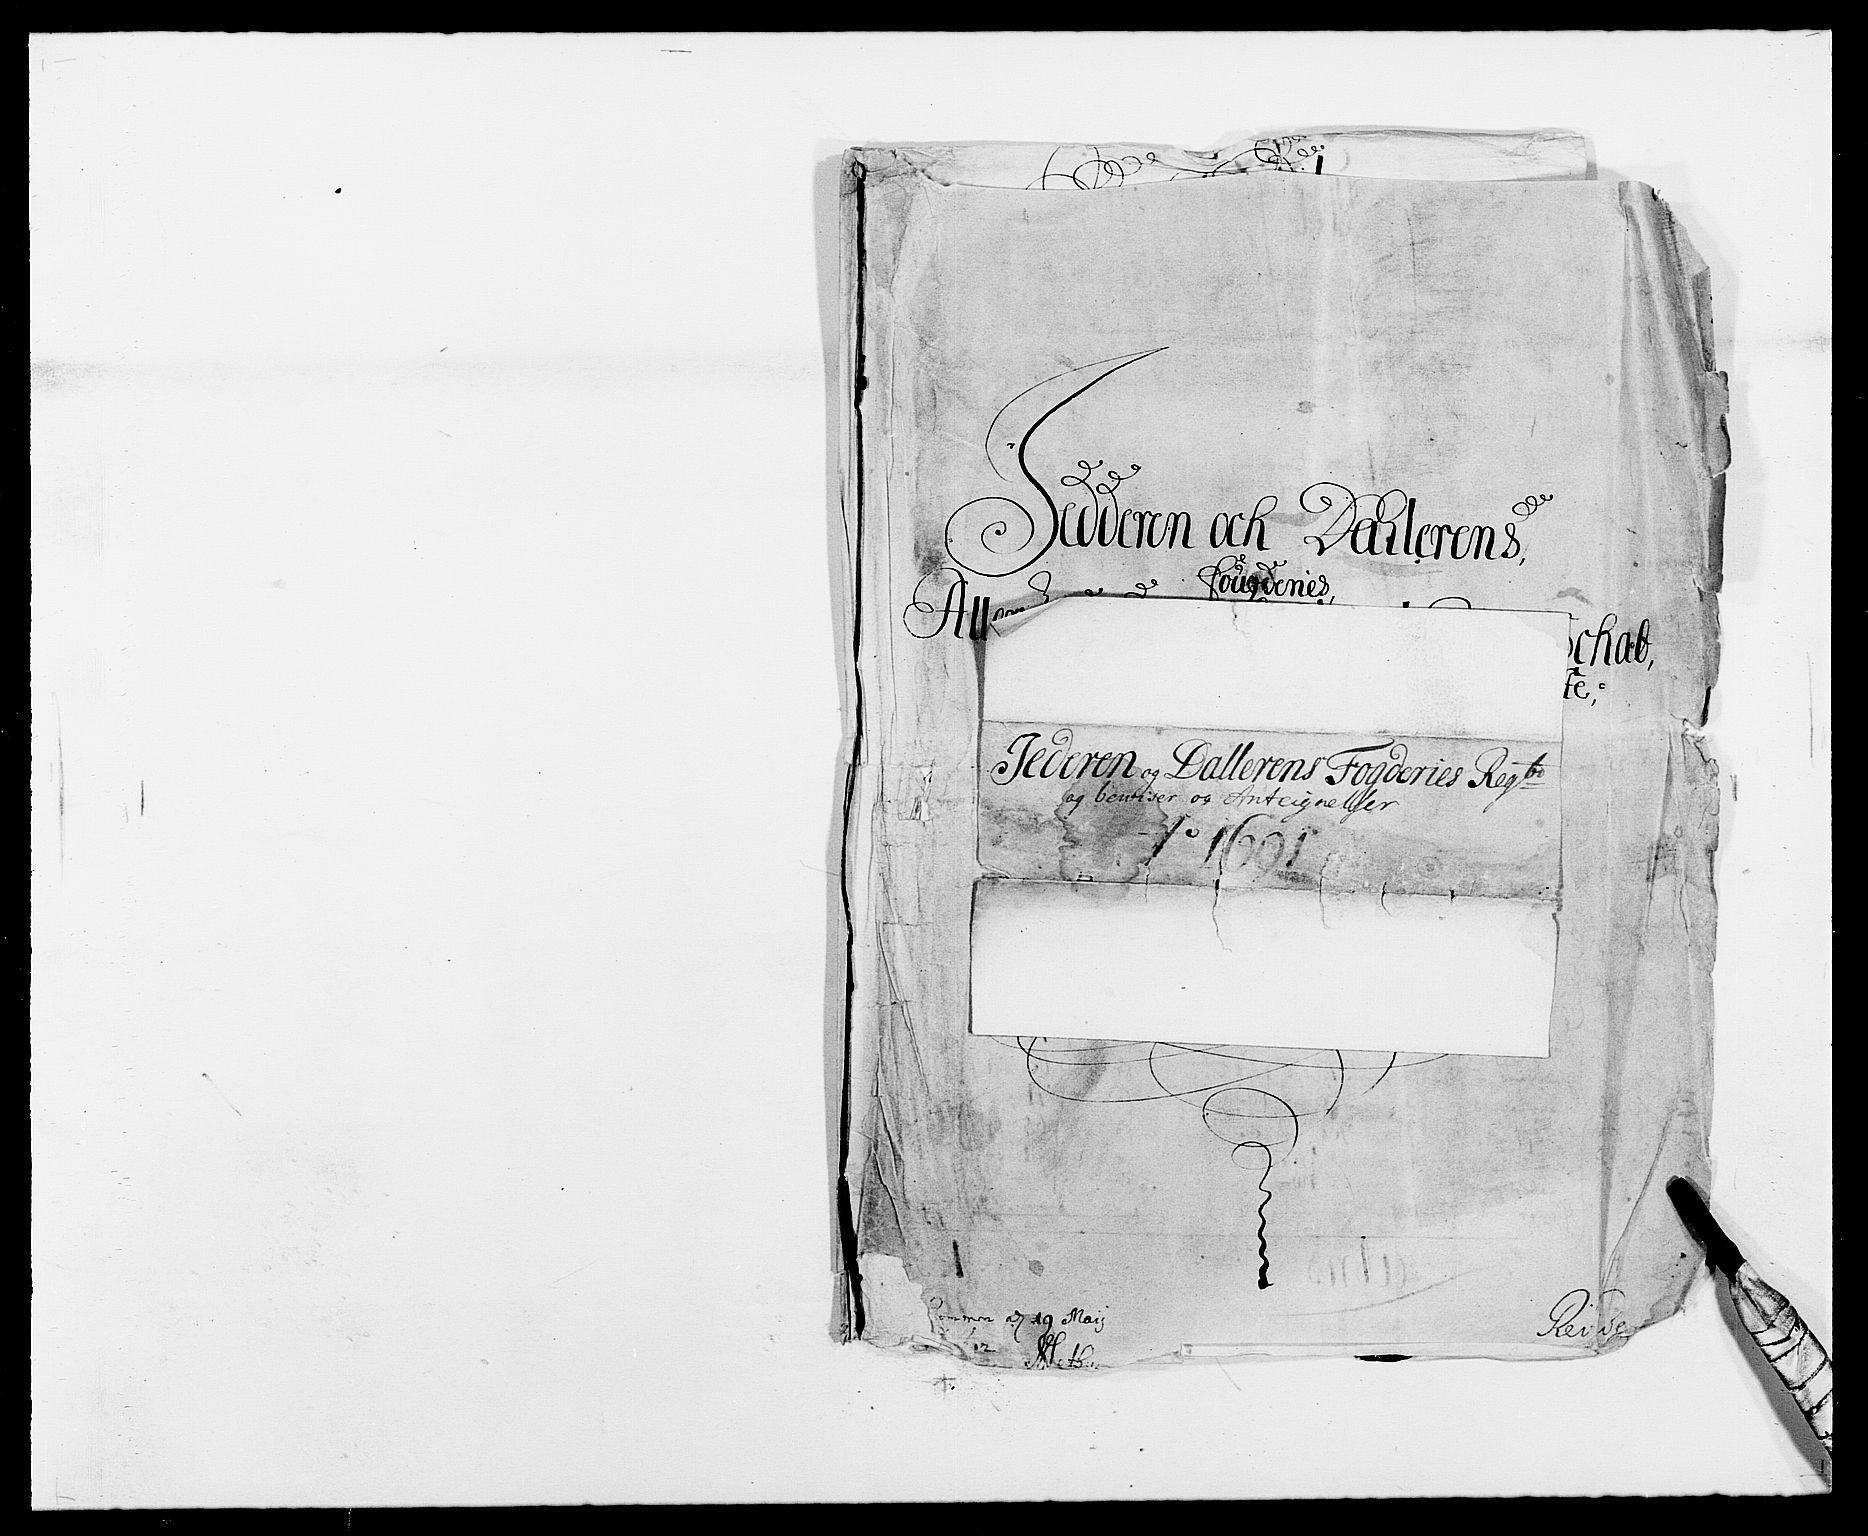 RA, Rentekammeret inntil 1814, Reviderte regnskaper, Fogderegnskap, R46/L2727: Fogderegnskap Jæren og Dalane, 1690-1693, s. 72